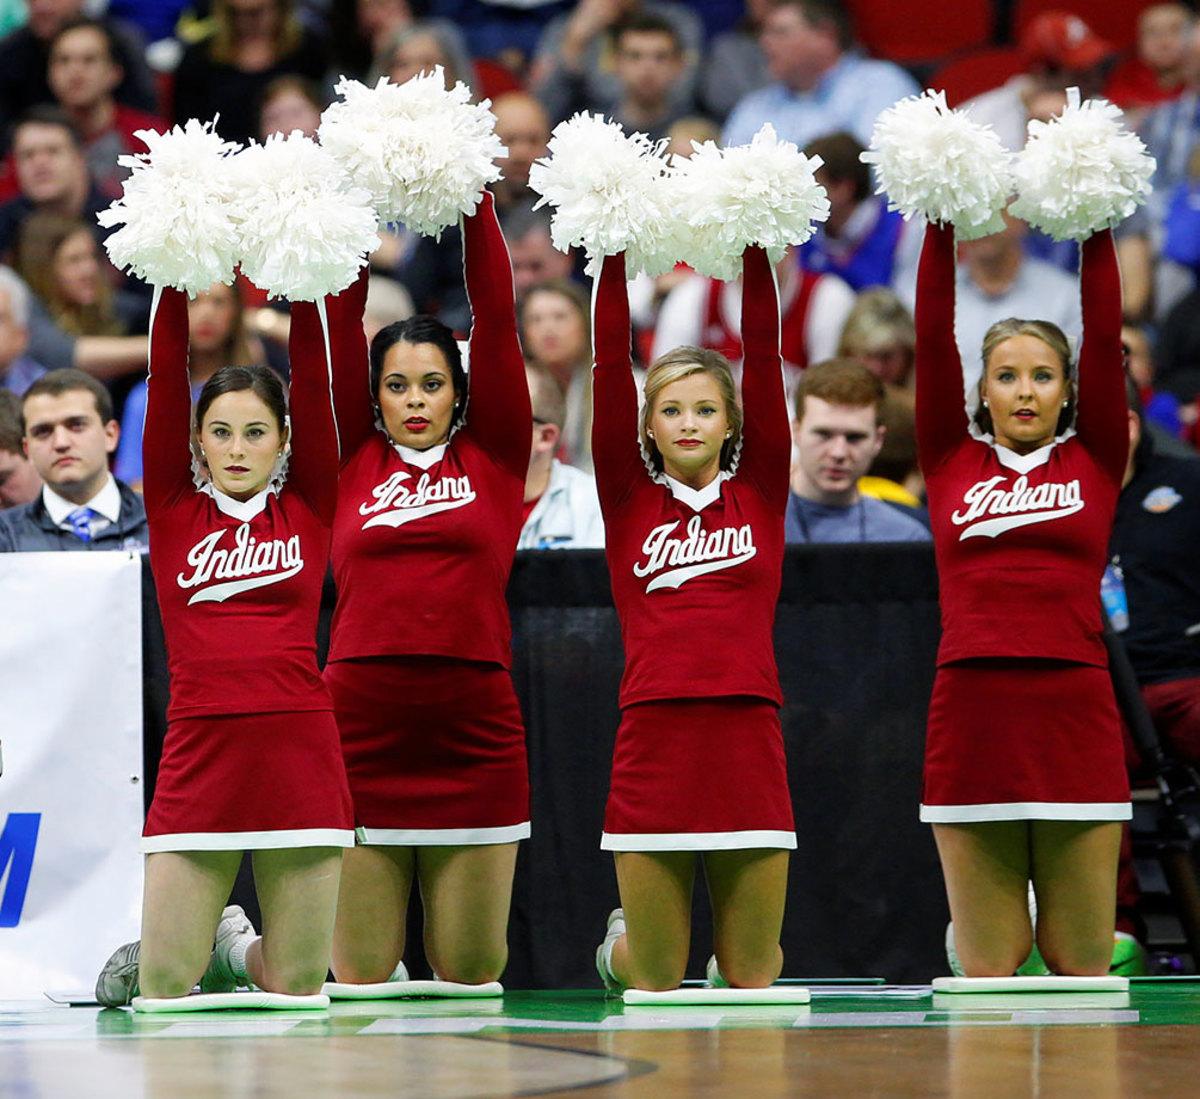 Indiana-cheerleaders-SI-270_TK1_326.jpg